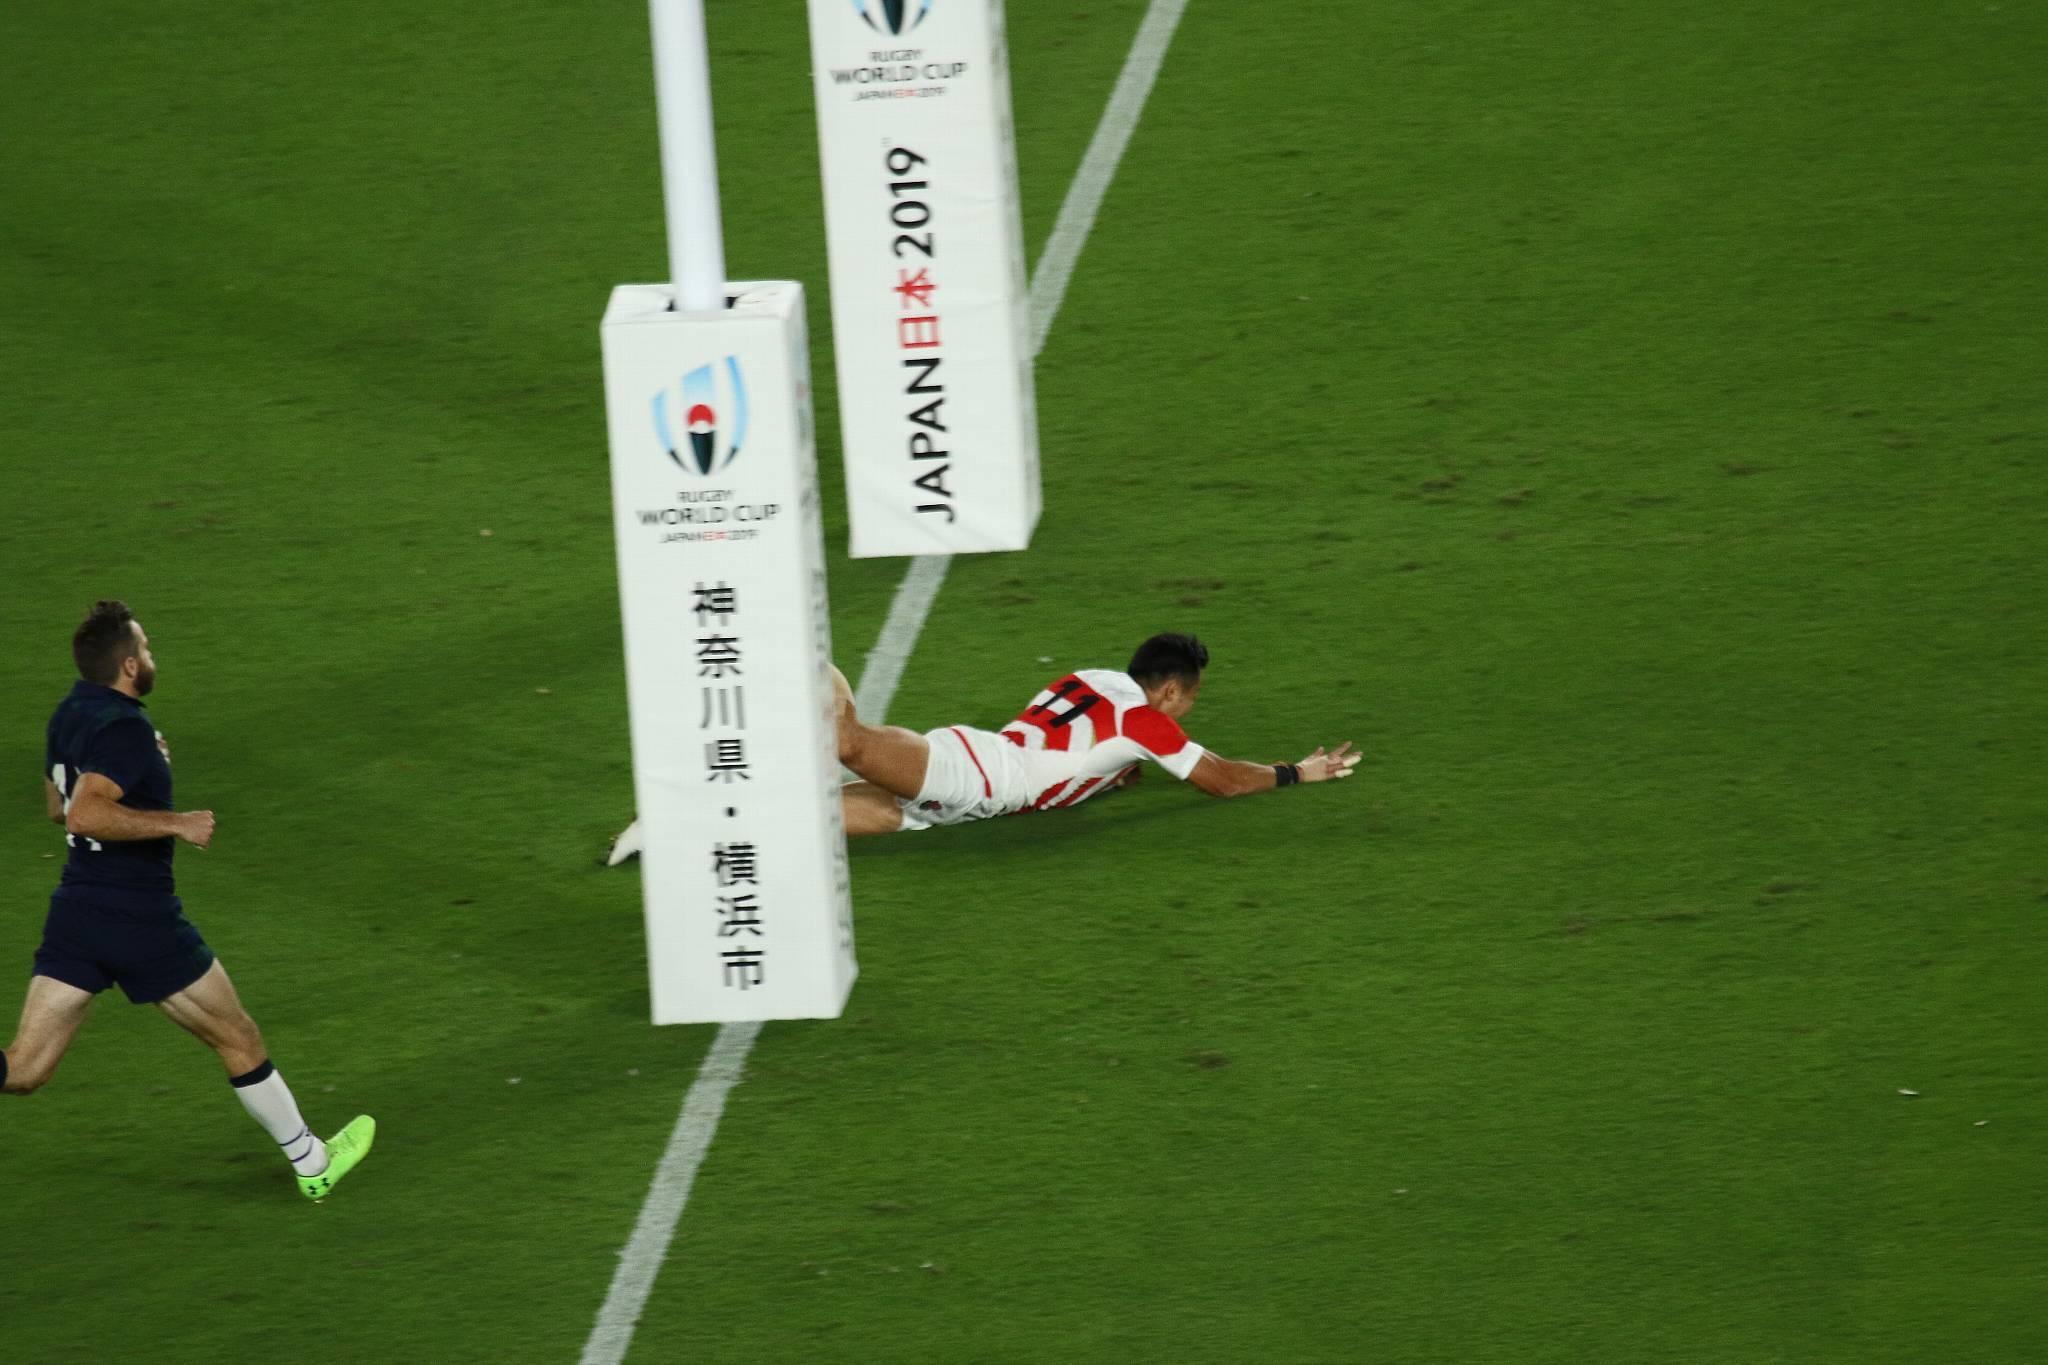 祝!RWC2019日本代表が4戦全勝で決勝トーナメントへ!_f0105570_10324566.jpg